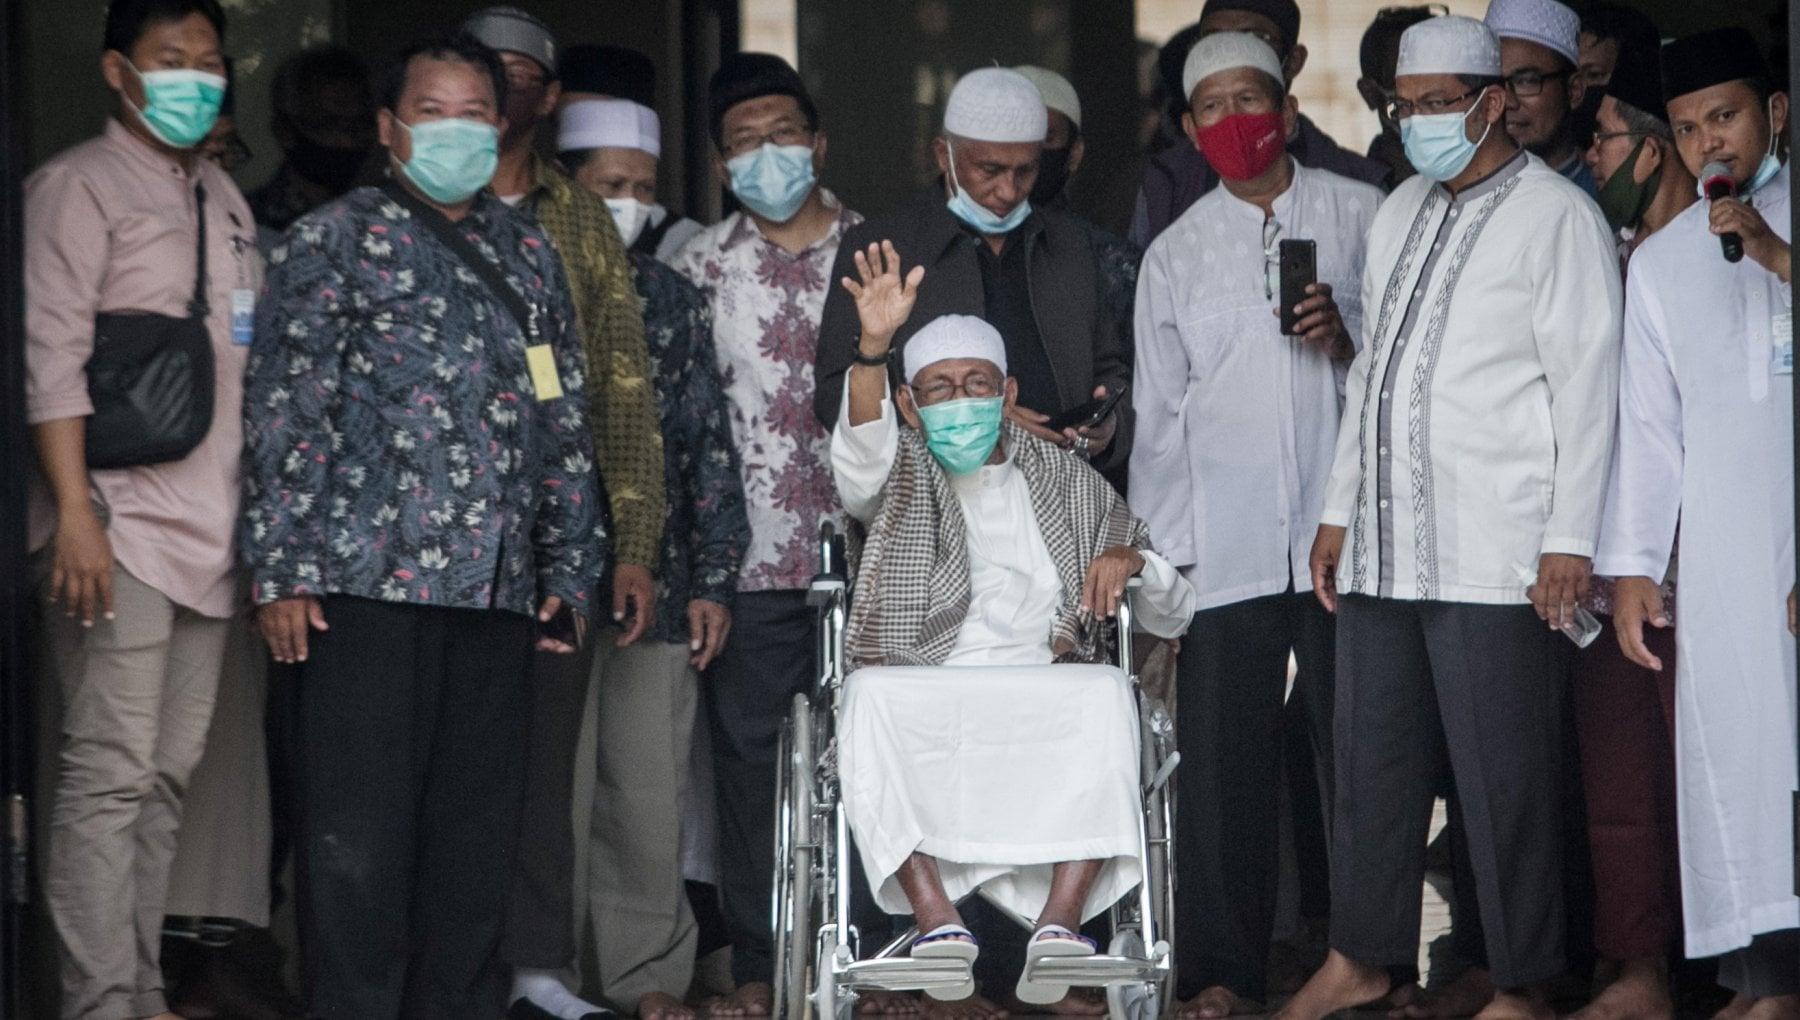 094843773 bc7f5dad 8af0 416e 939b 804a0909f974 - Indonesia, scarcerato l'emiro Abu Bakar Bashir, mente della strage di Bali